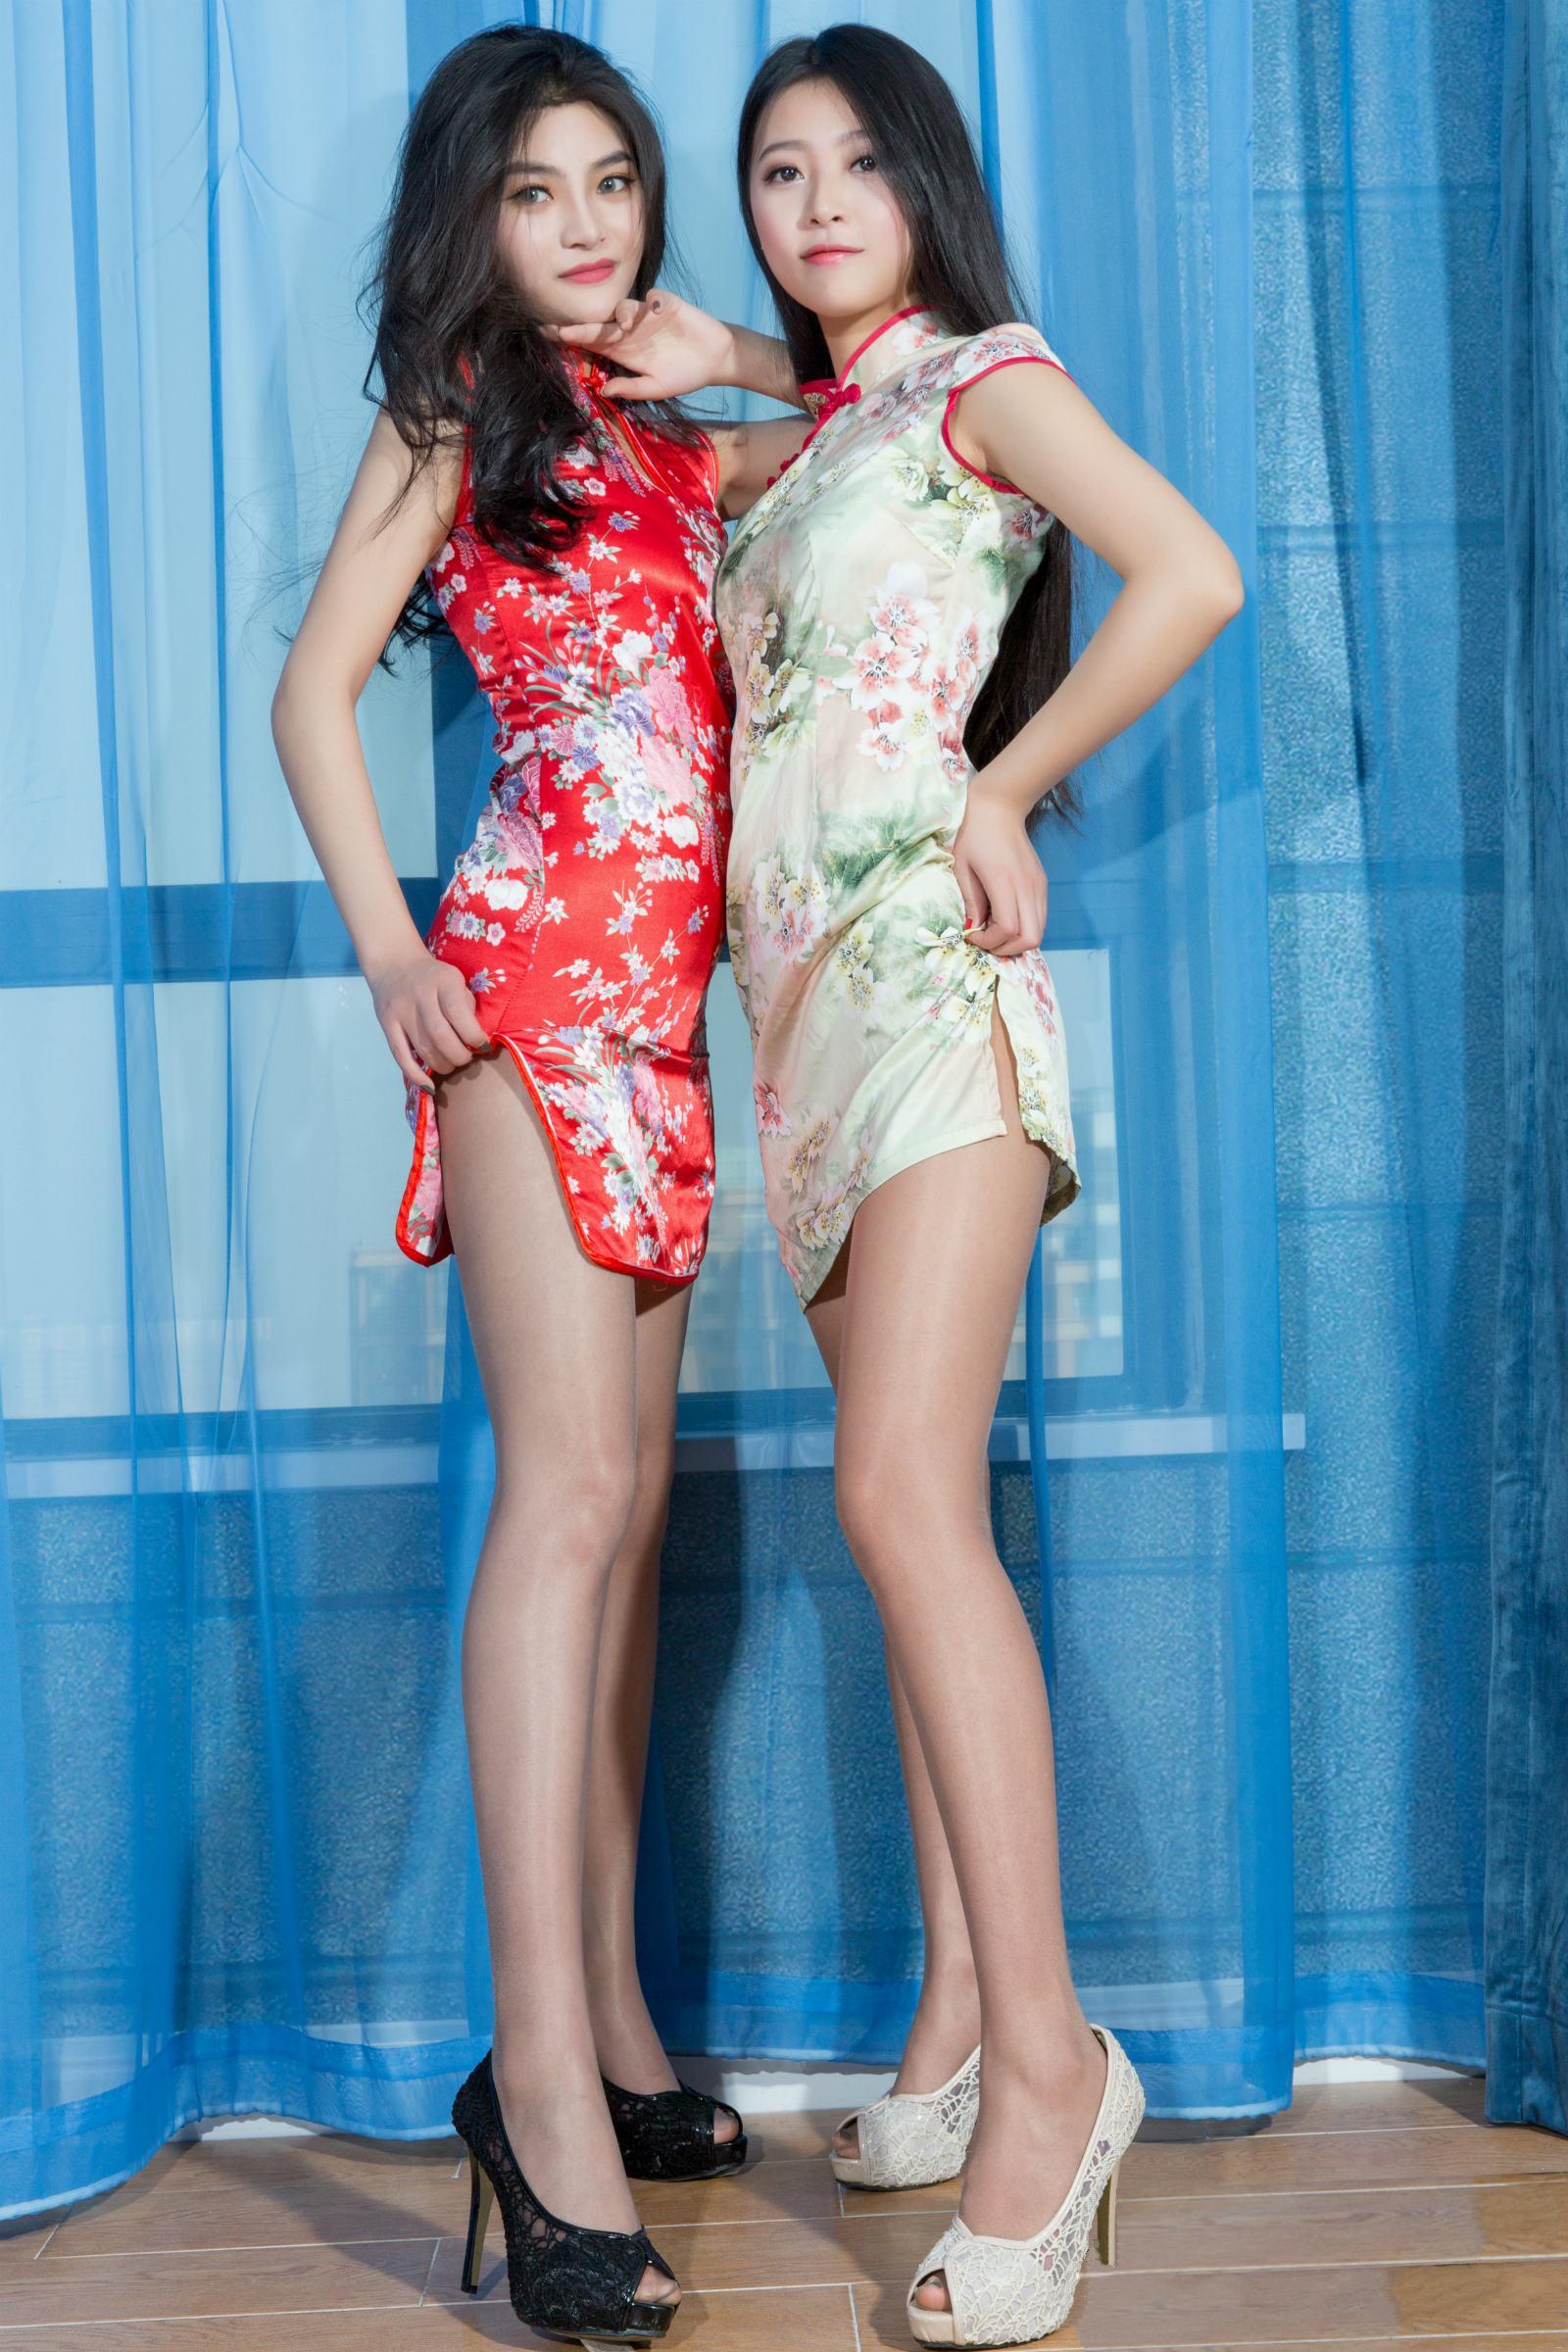 旗袍美女凹凸有致美腿丝袜性感图片